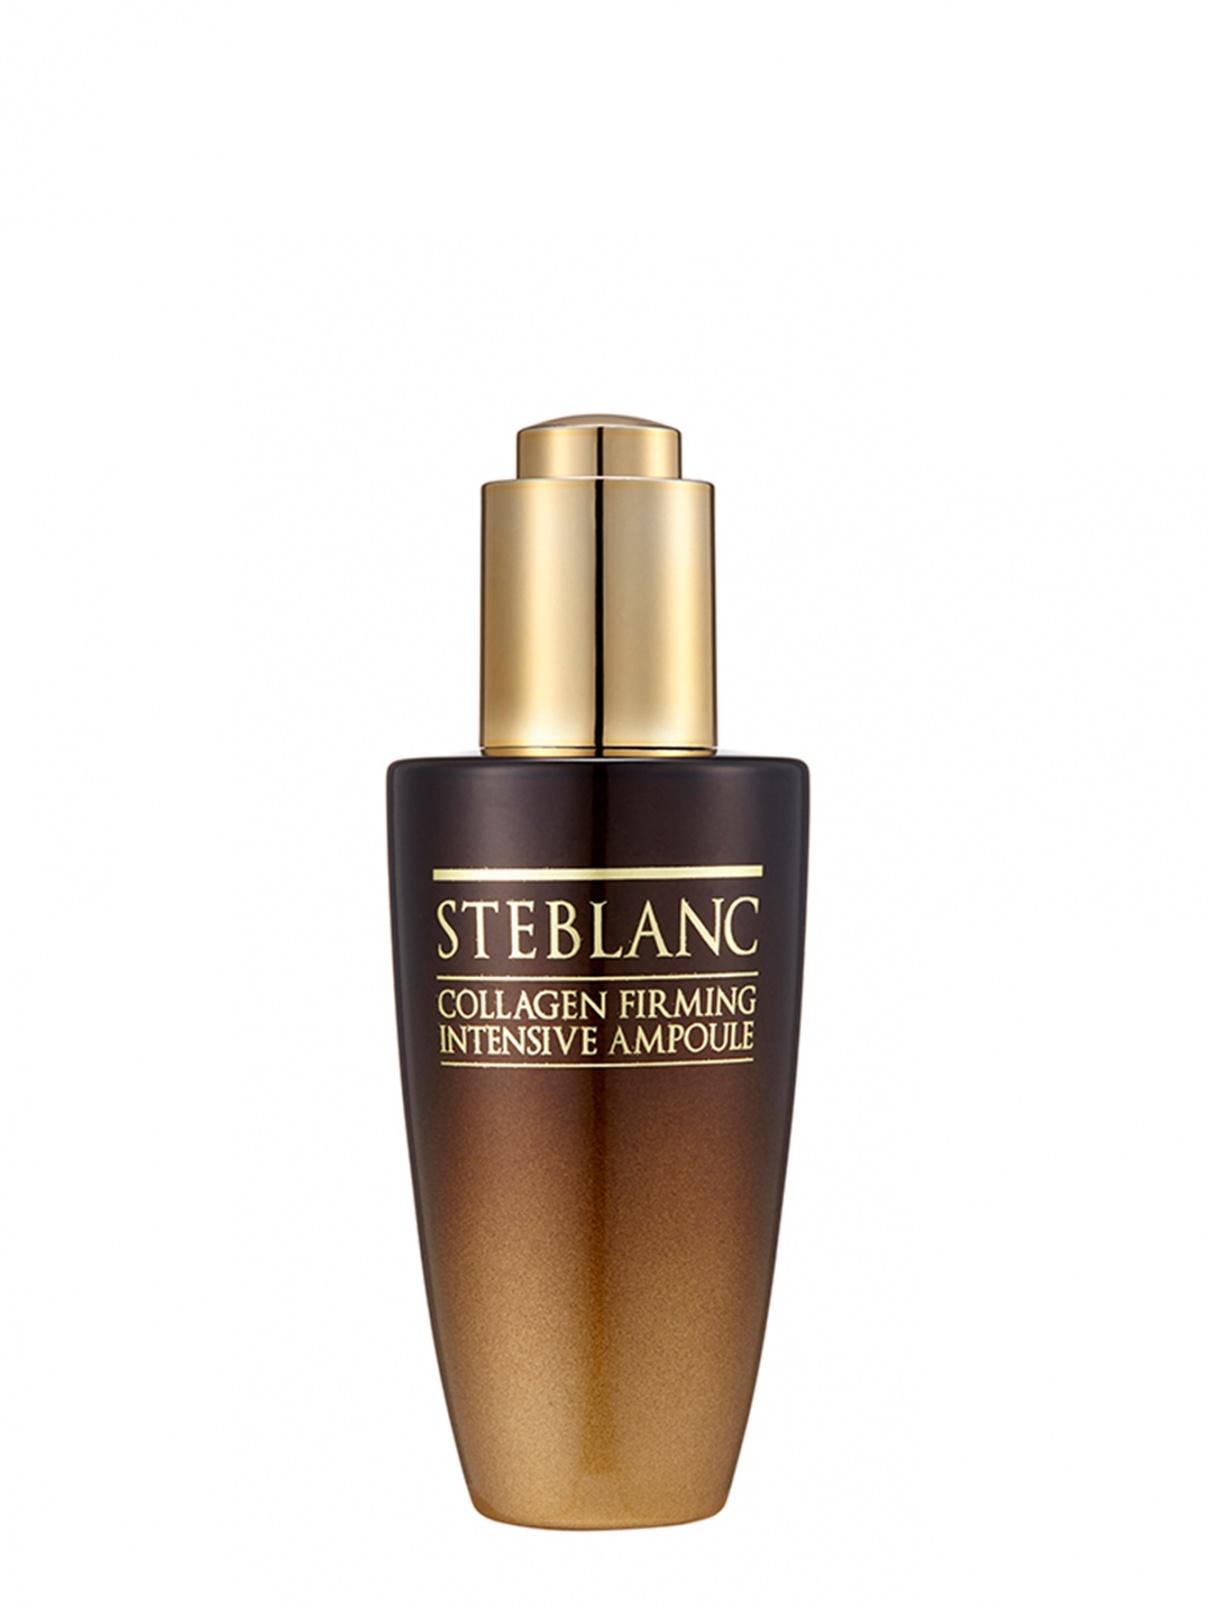 Collagen Firming Intensive Ampoule / Сыворотка лифтинг для лица с коллагеном 50 мл STEBLANK  –  Общий вид